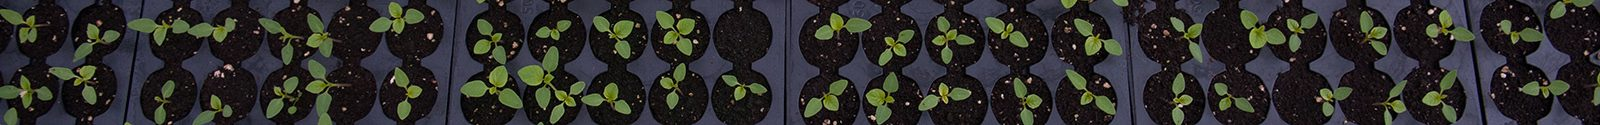 overhead view of seedlings